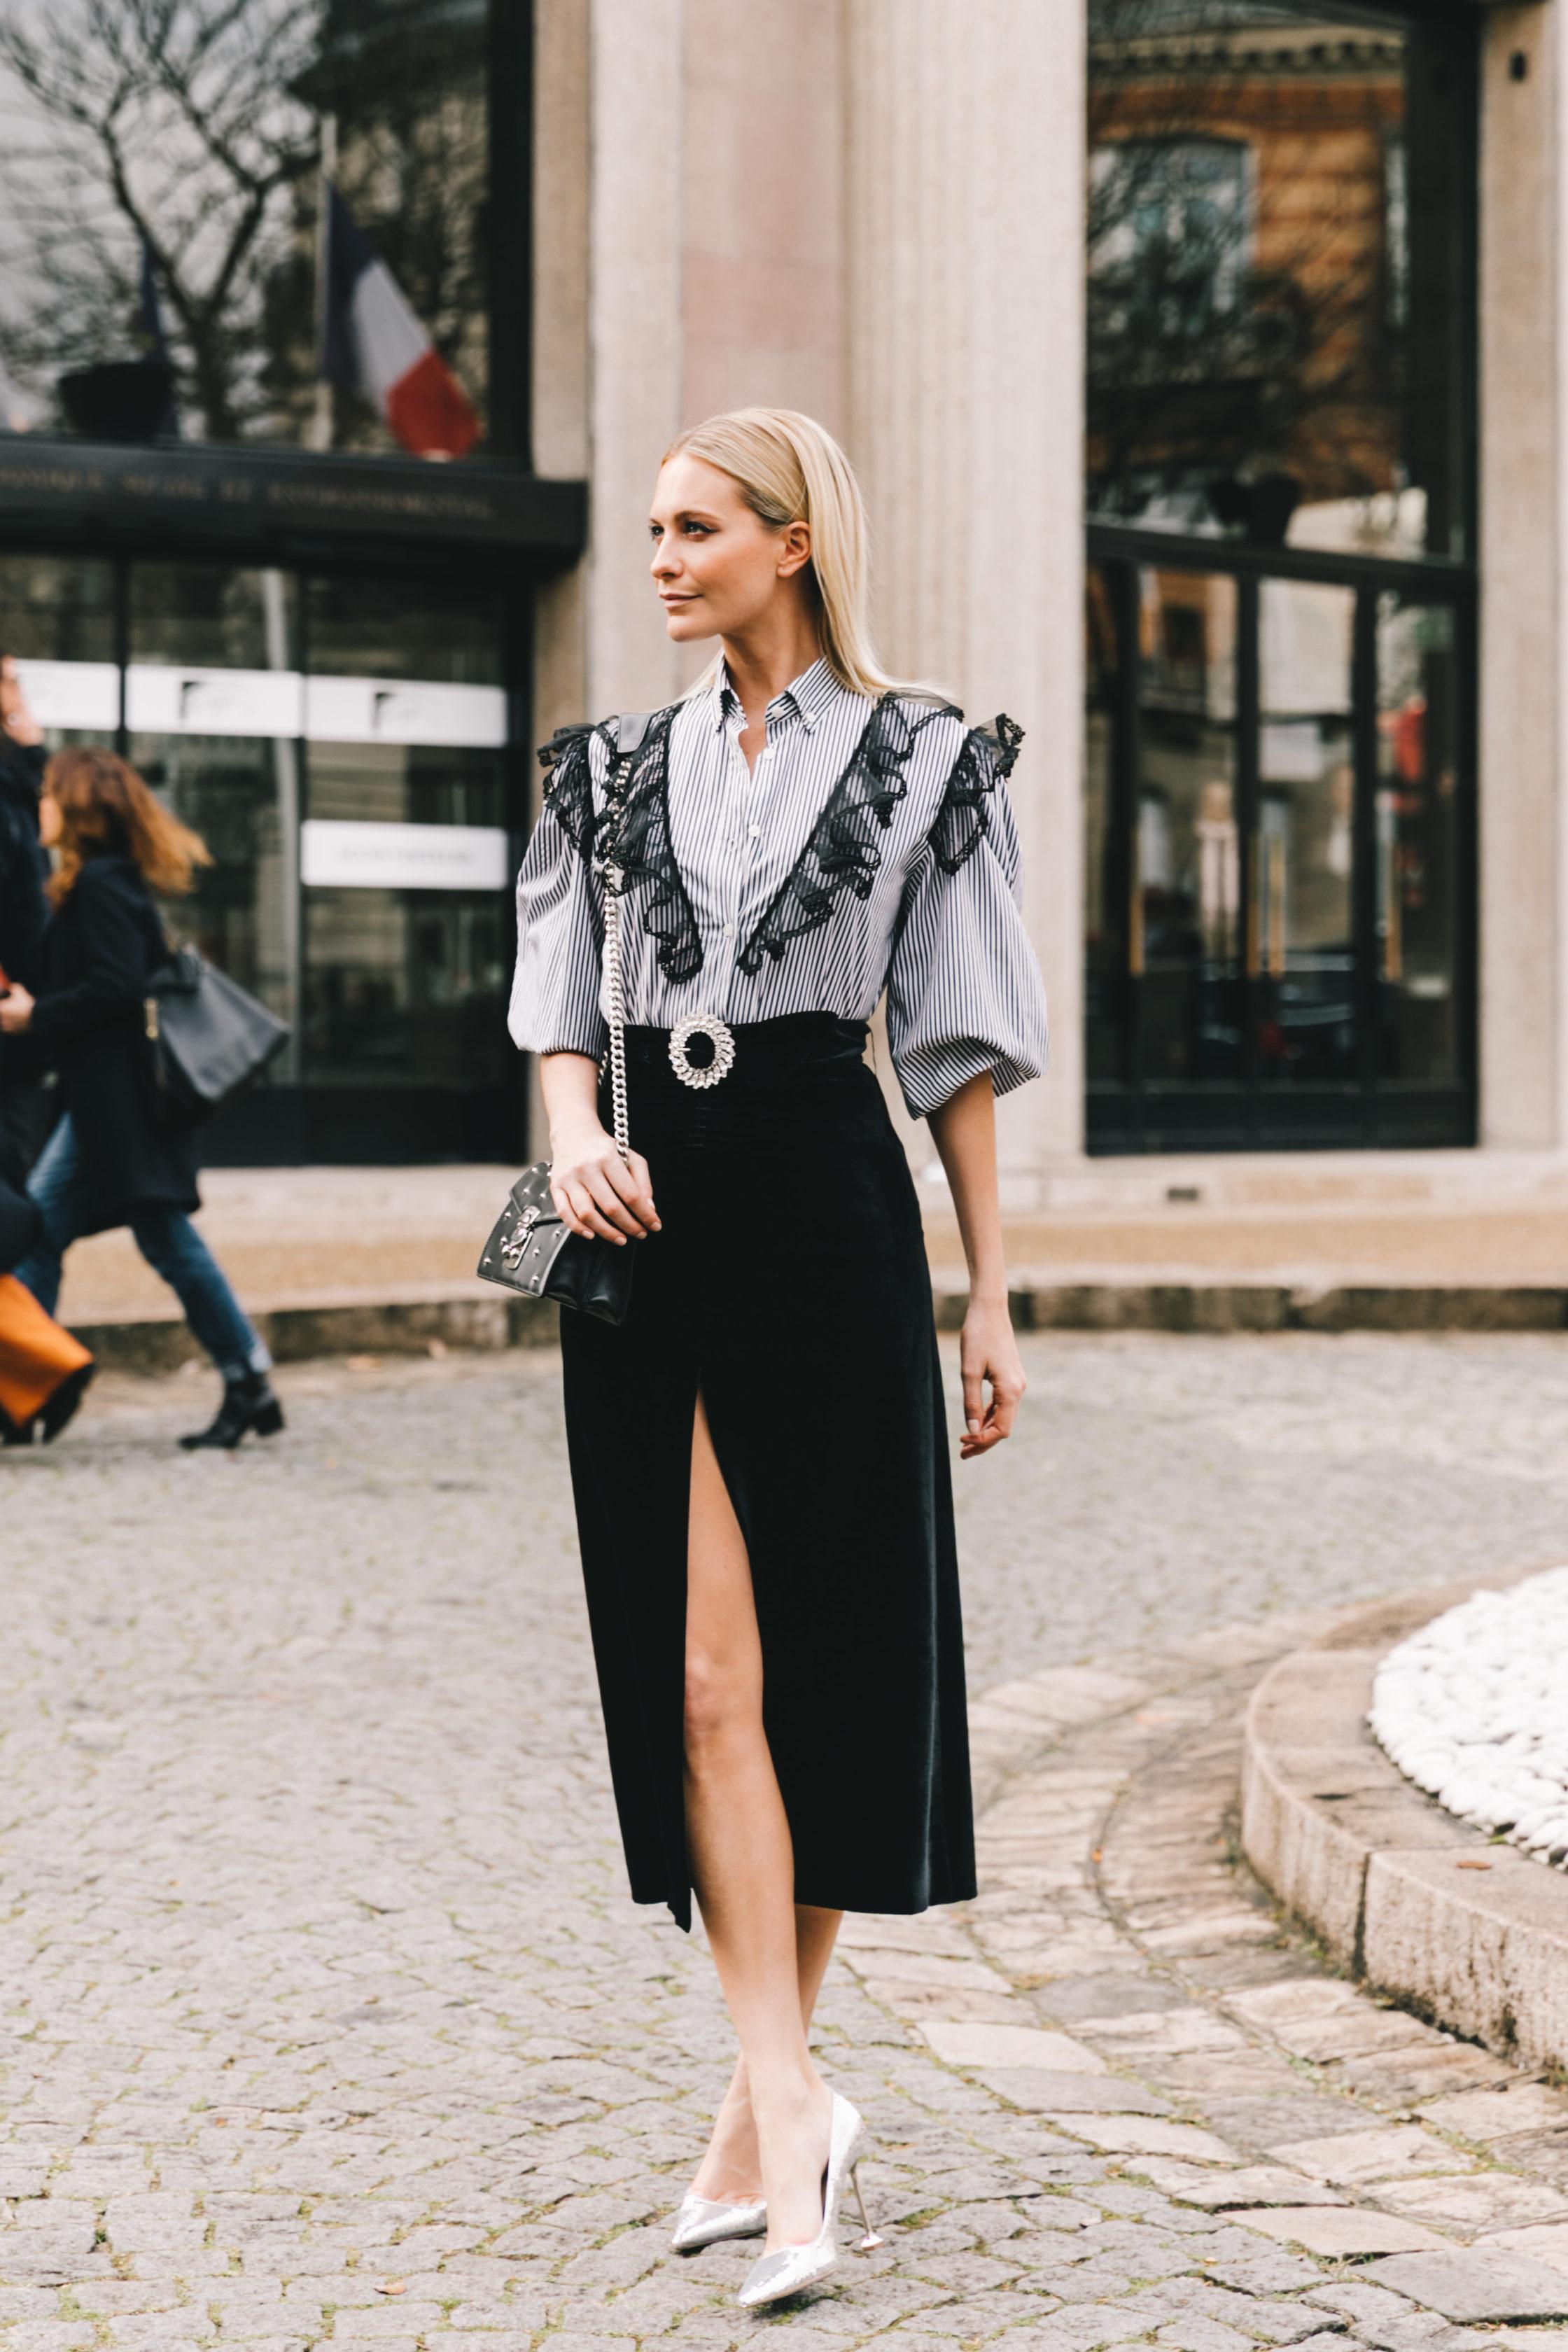 Dress code formal - áo sơ mi kẻ sọc viền ren và chân váy nhung xẻ tà